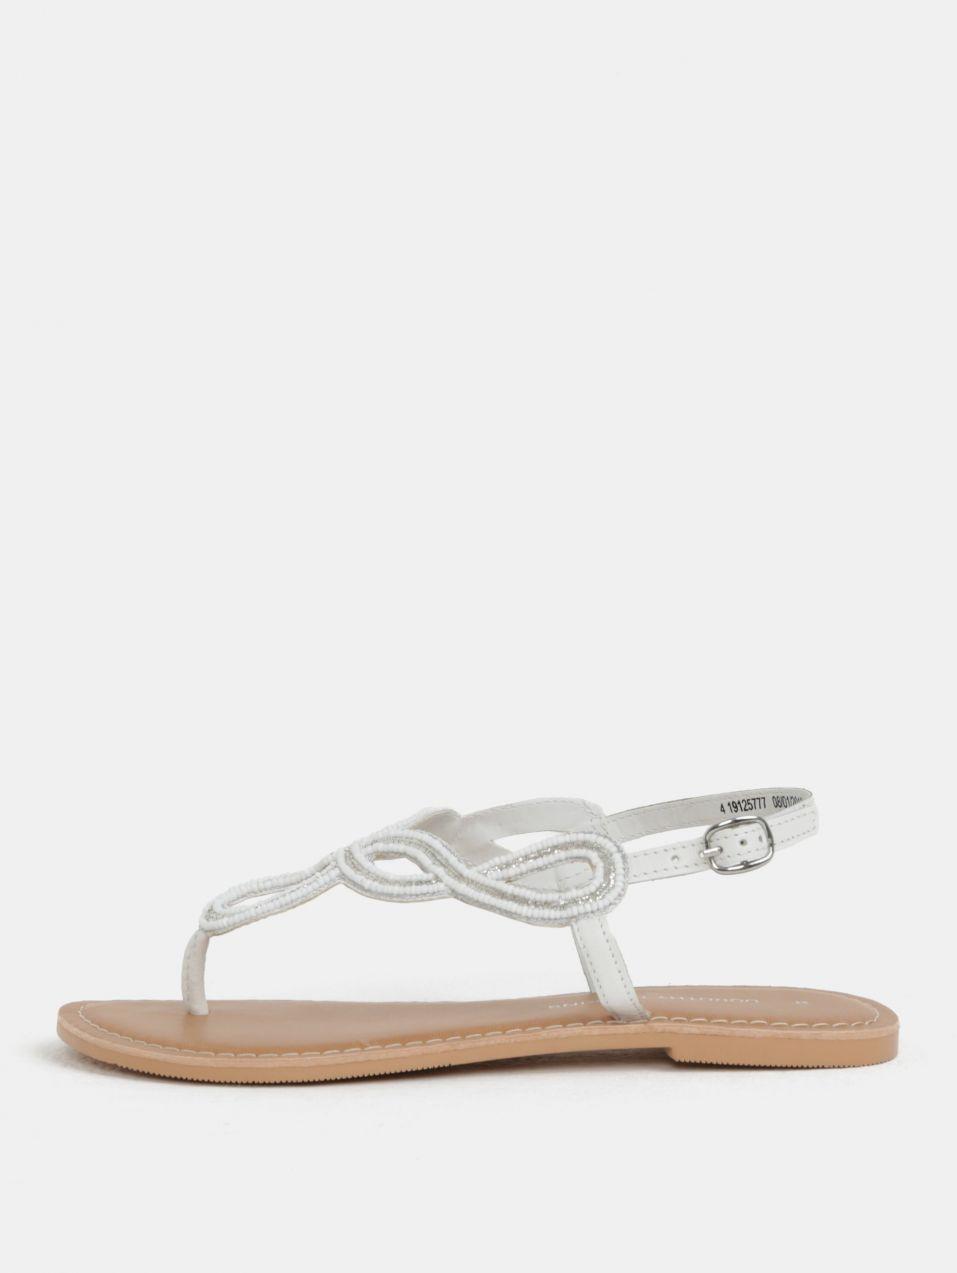 452e6aaceed1 Biele kožené sandále s ozdobnými korálkami Dorothy Perkins značky Dorothy  Perkins - Lovely.sk